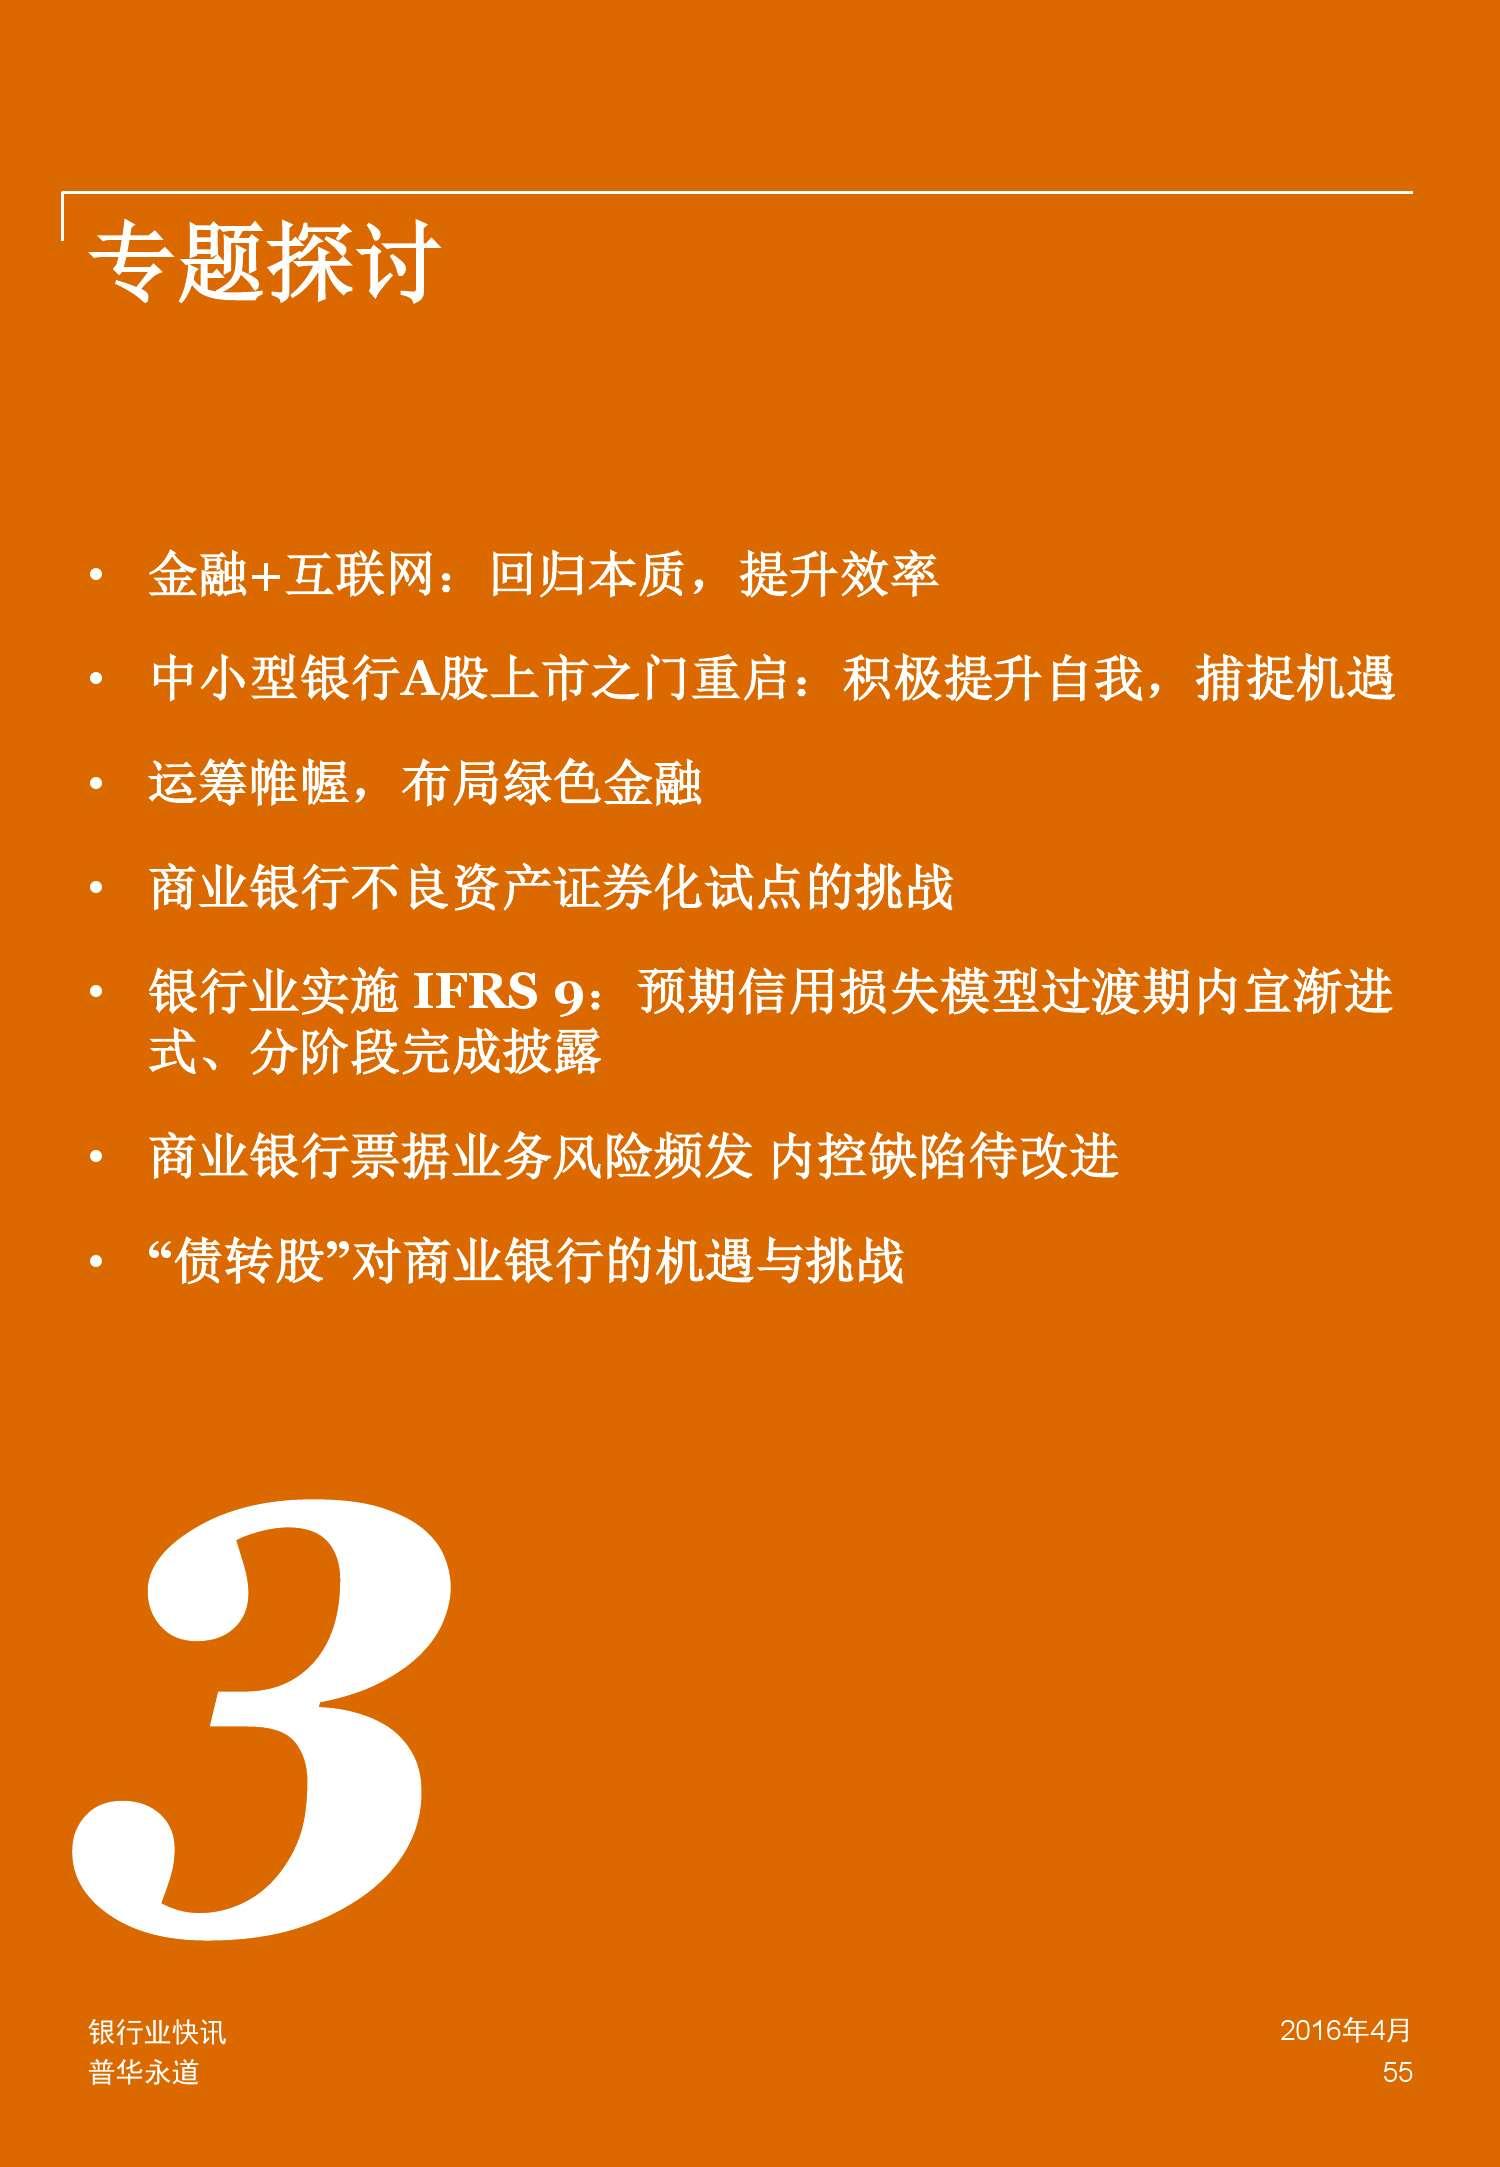 普华永道:2015年中国银行业回顾与展望_000055